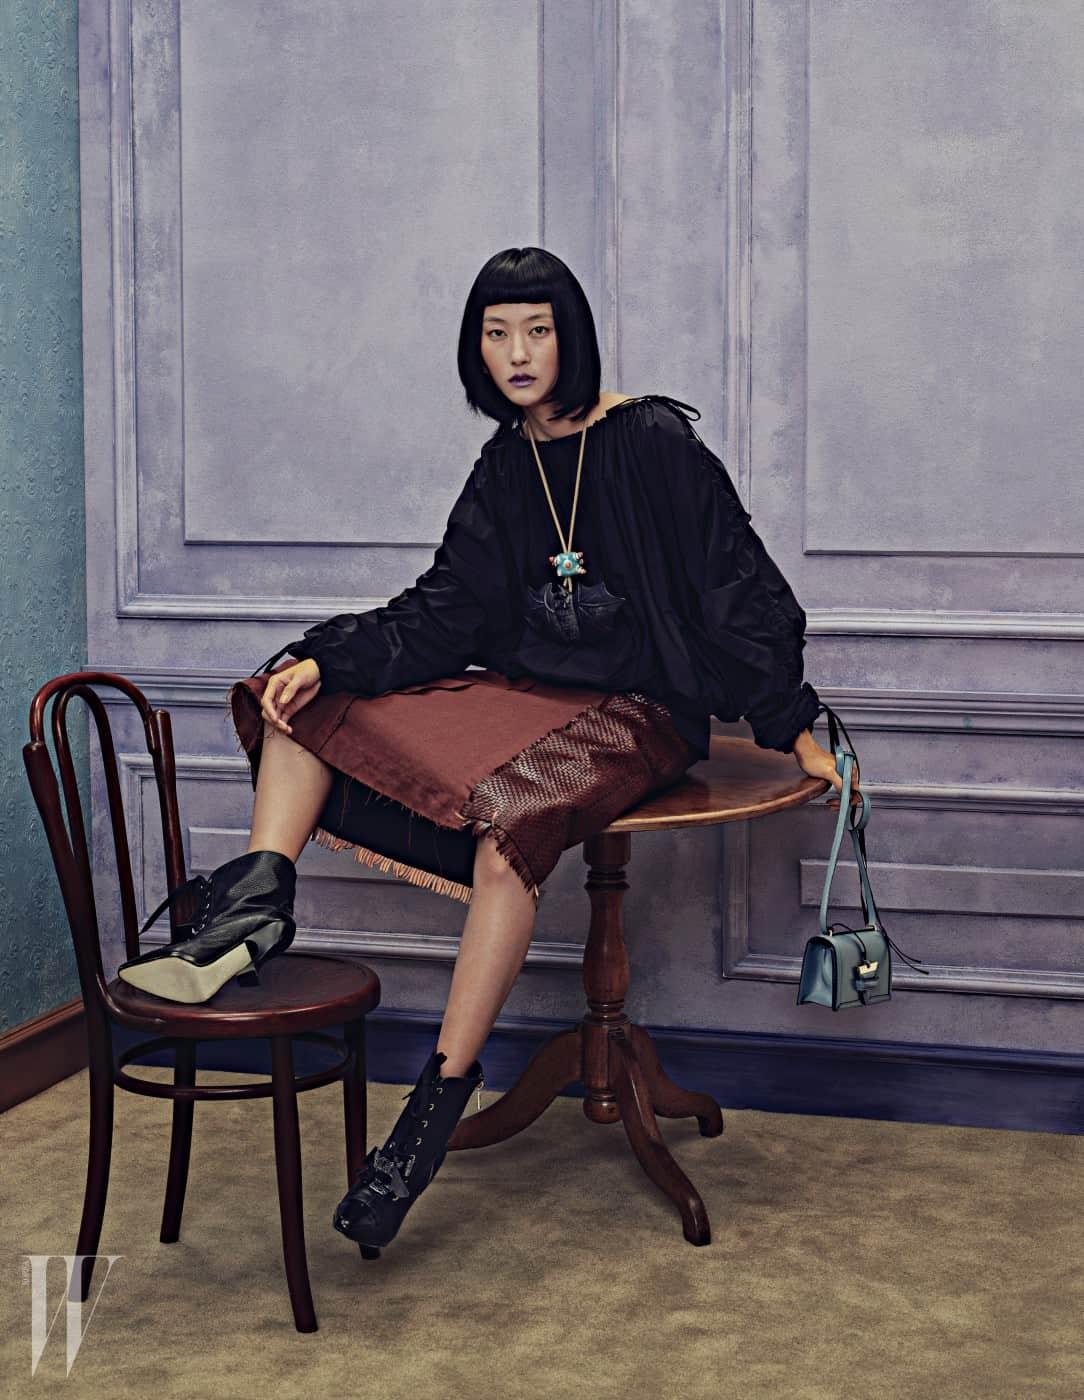 풍성한 실루엣이 돋보이는 벌룬 톱, 가죽 패널 장식의 갈색 스커트, 박쥐 모티프의 아티스틱한 펜던트 목걸이, 스톤 블루 색상의 바르셀로나 스몰 백(Barcelona Small Bag), 검정 레이스업 앵클부츠는 모두 Loewe 제품.